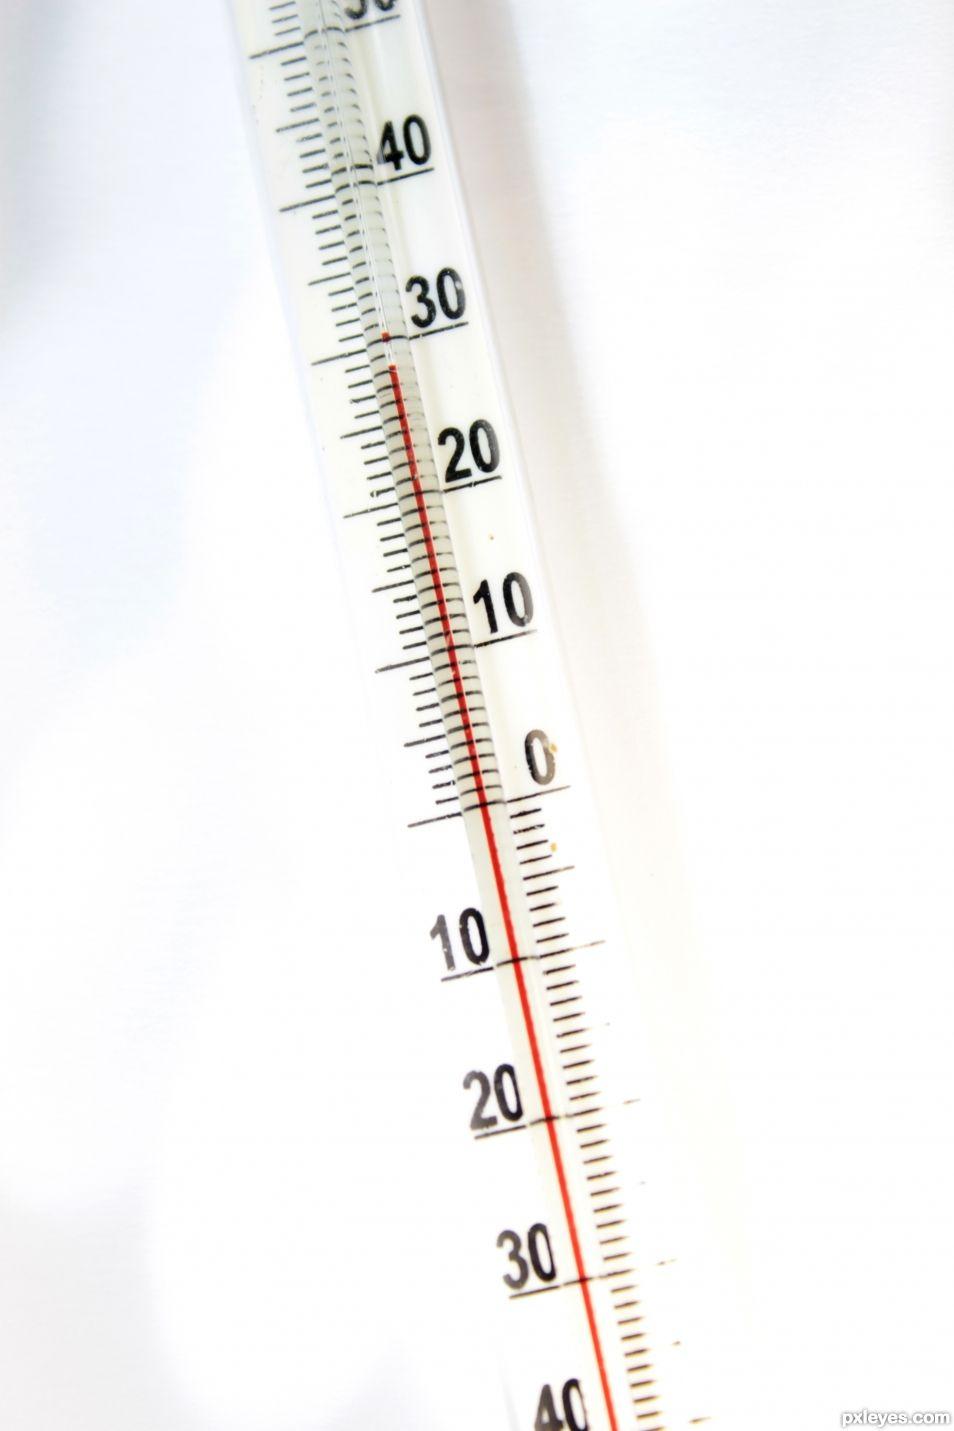 Is it hot?